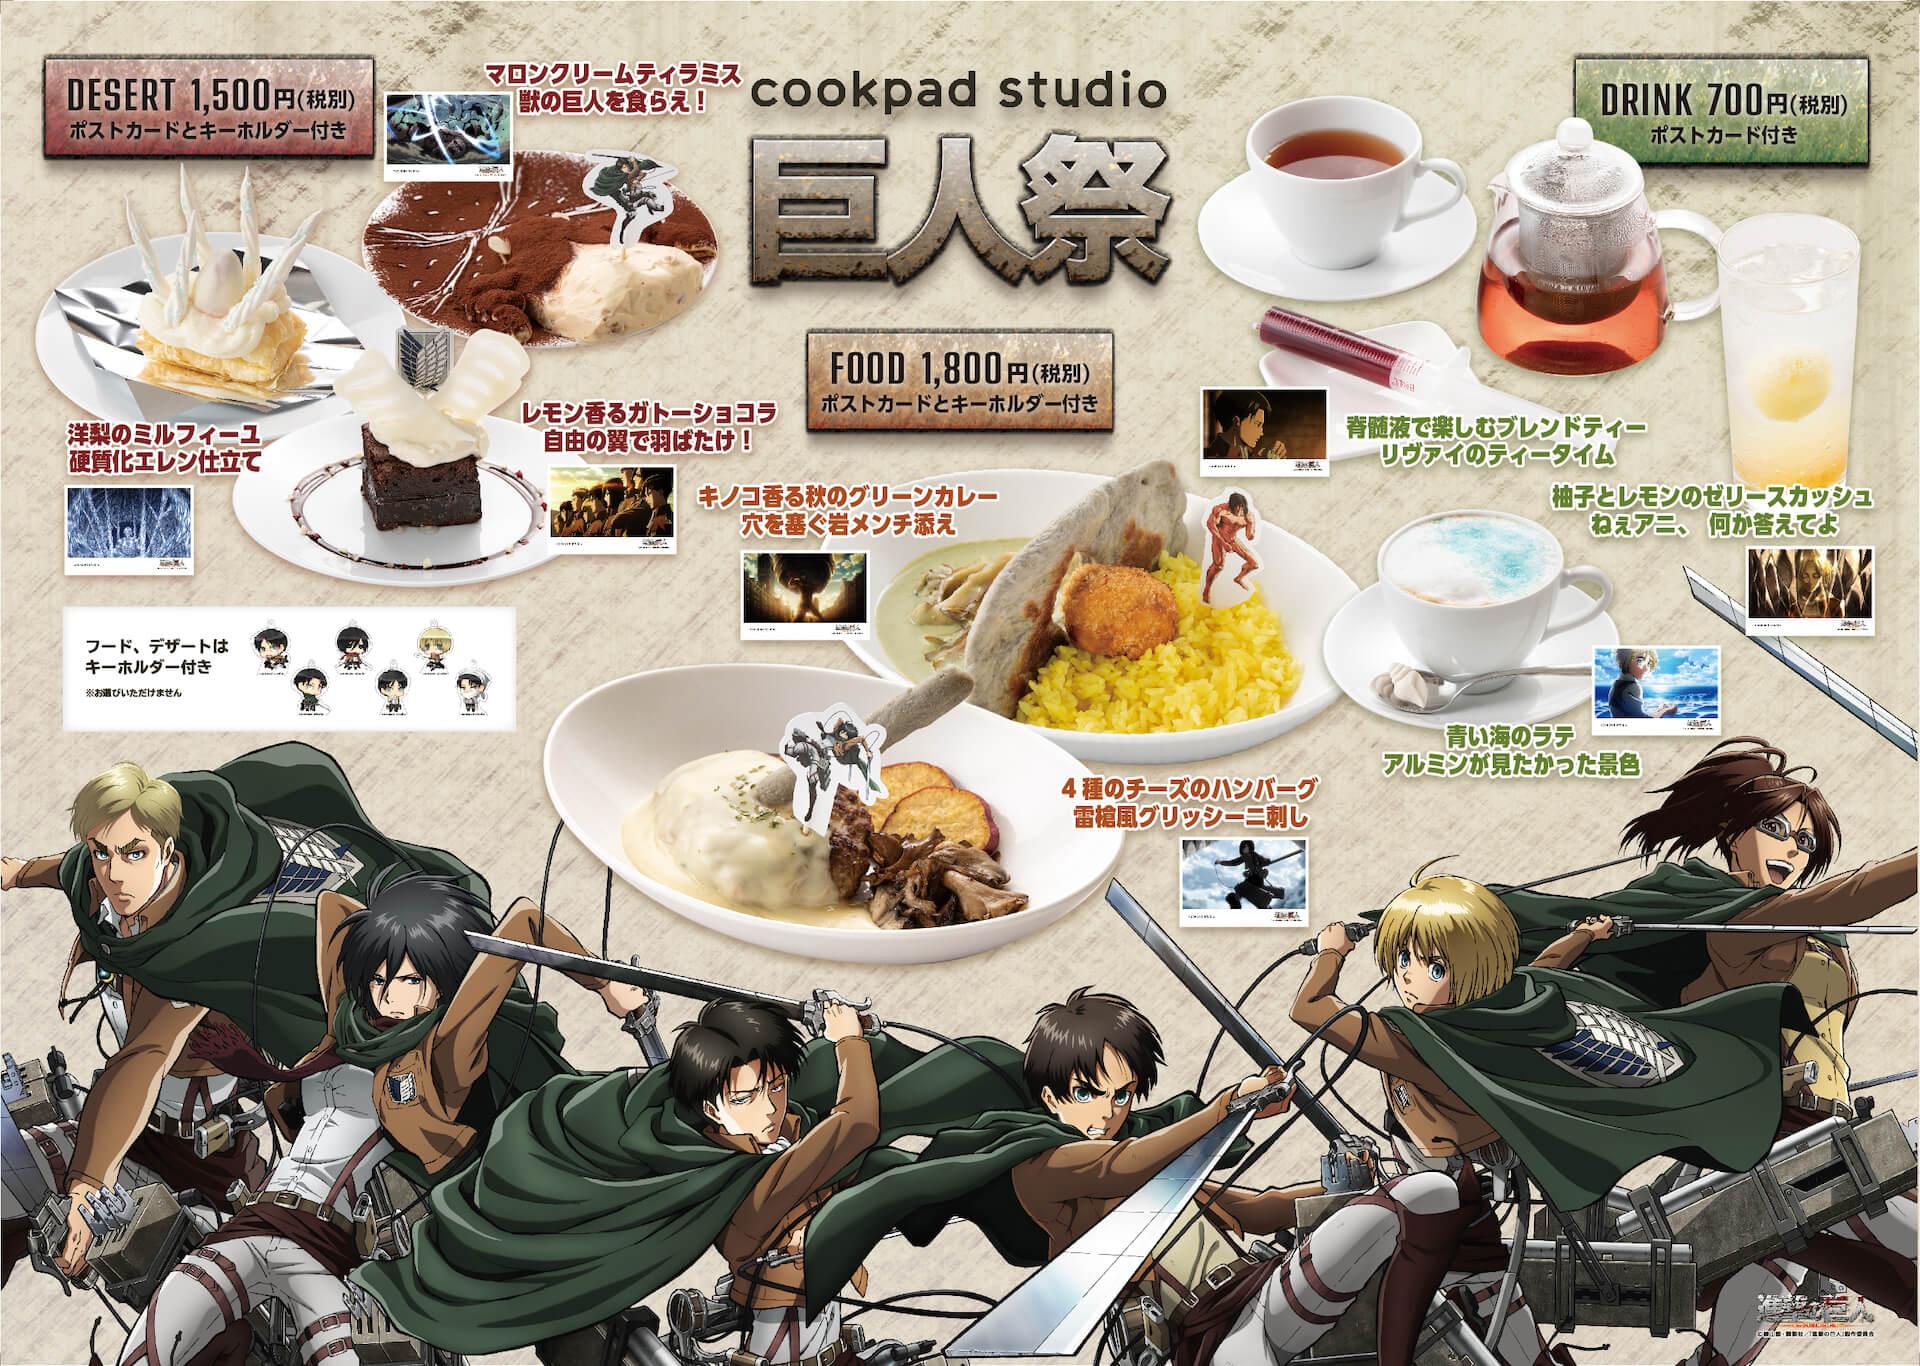 「進撃の巨人」と「cookpad studio」がコラボイベント<cookpad studio 巨人祭>を開催|作品の世界観を表現した限定メニューが登場 sub1-7